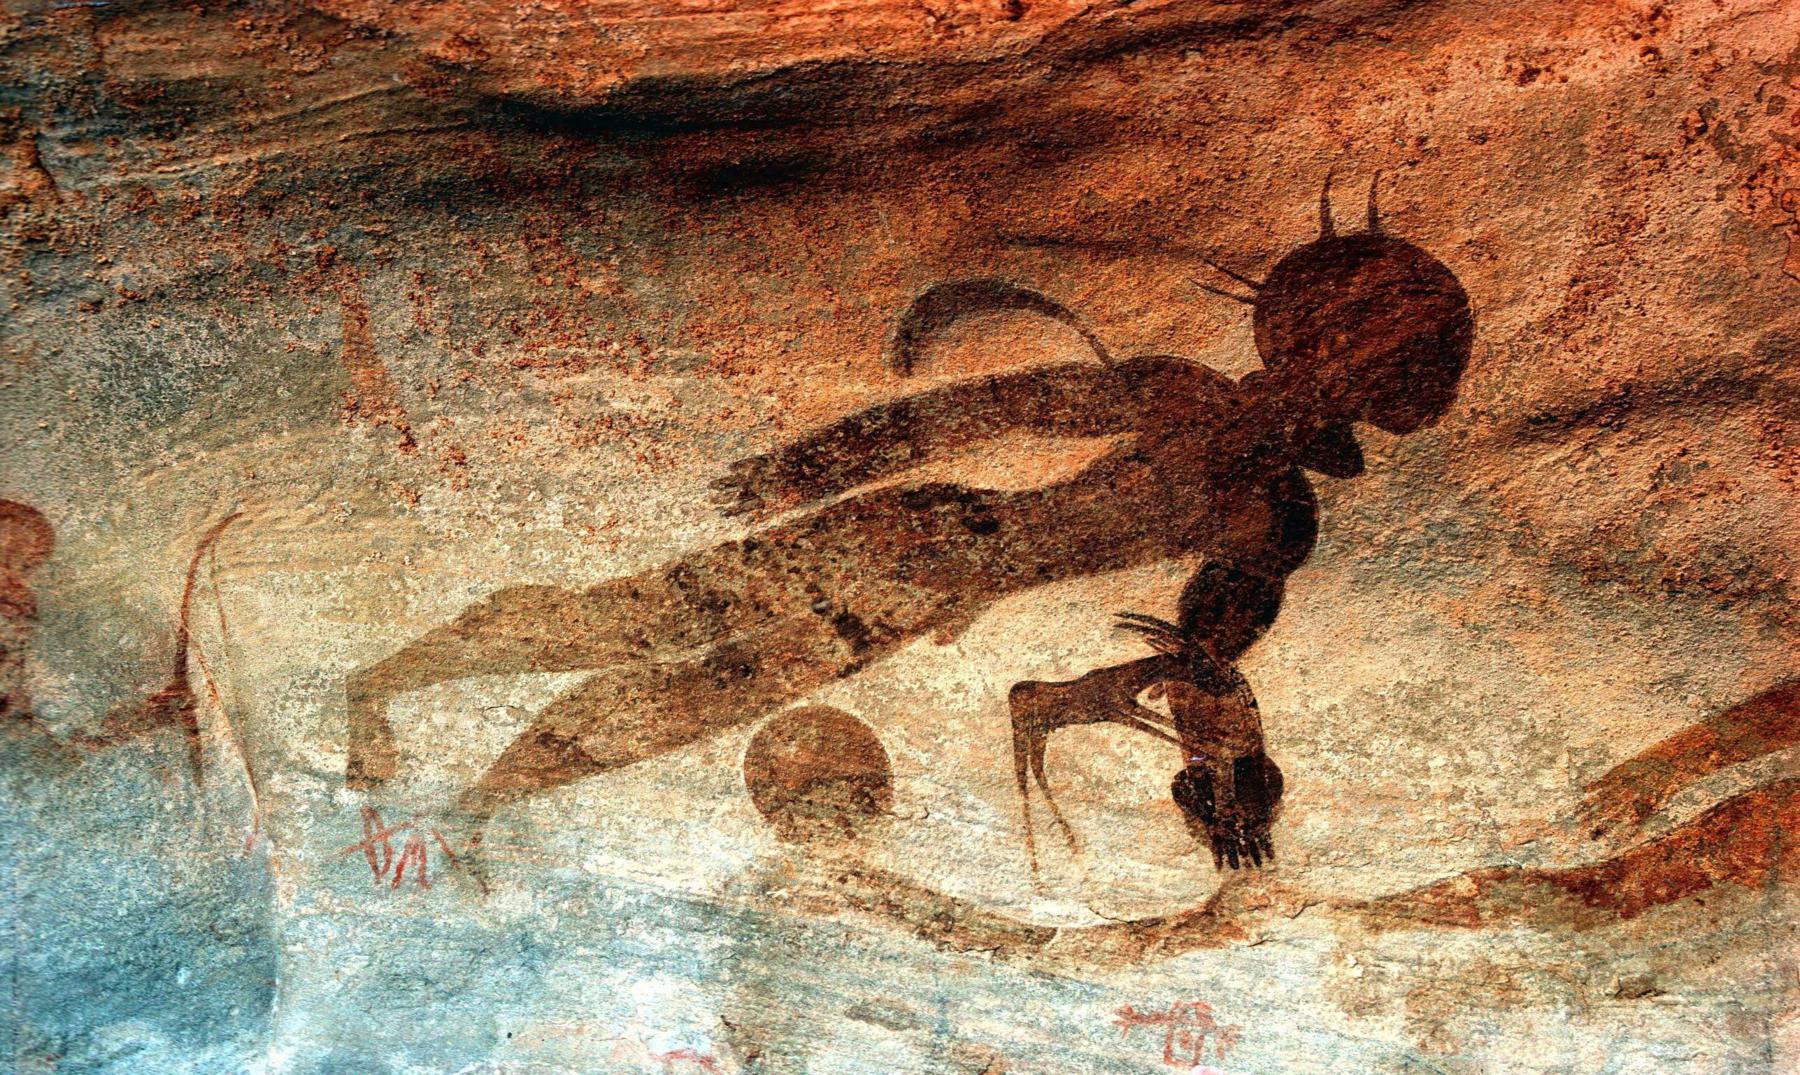 El misterio de los extraños dioses de Tassili